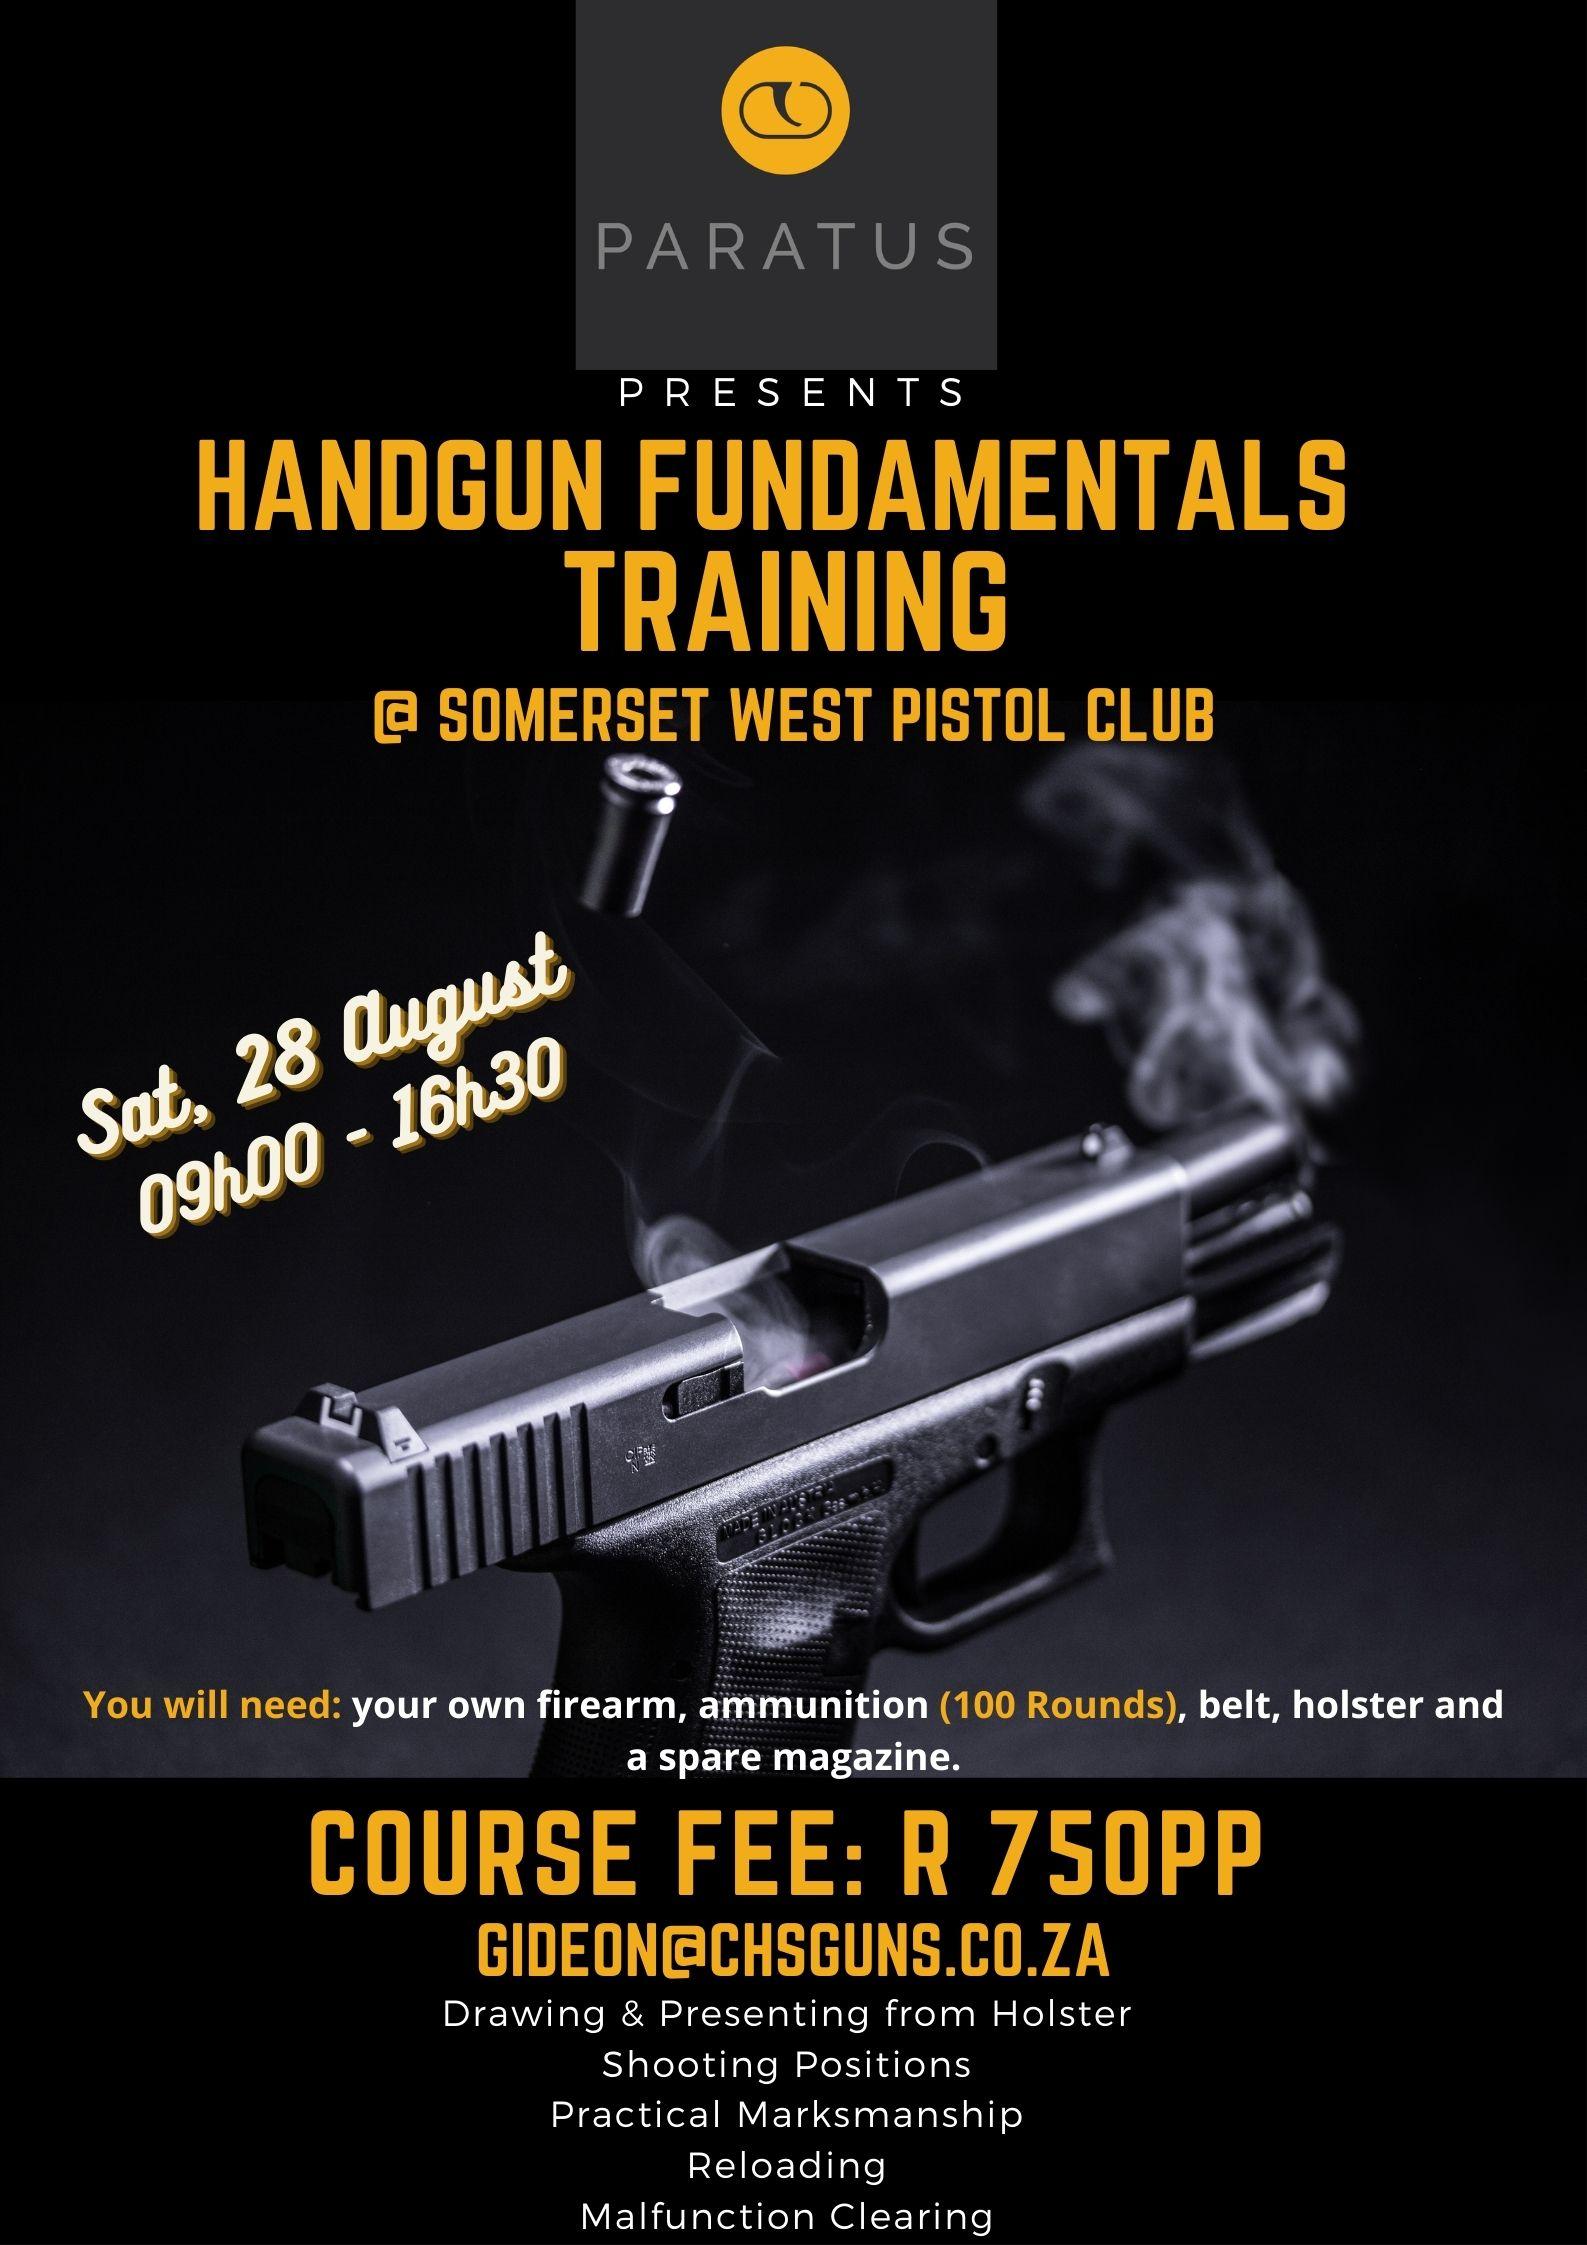 Paratus Handgun Fundamentals Course – Somerset West 28/8